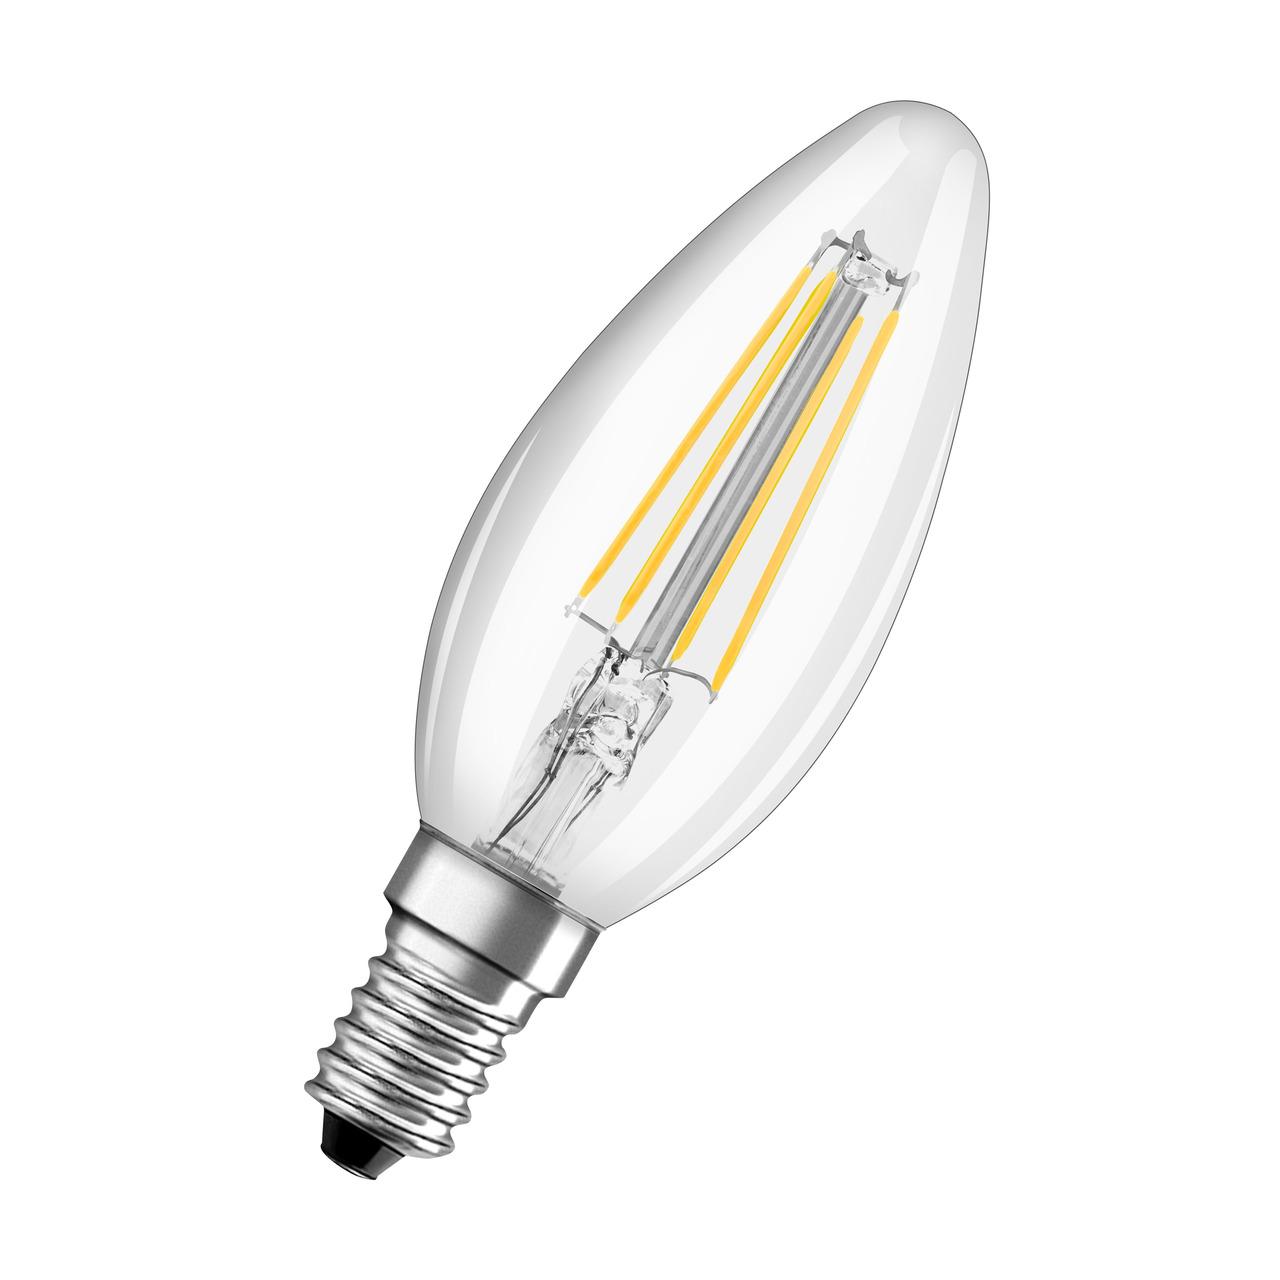 OSRAM 4-W-LED-Kerzenlampe- E14- 470 lm- warmweiss - neutralweiss- klar